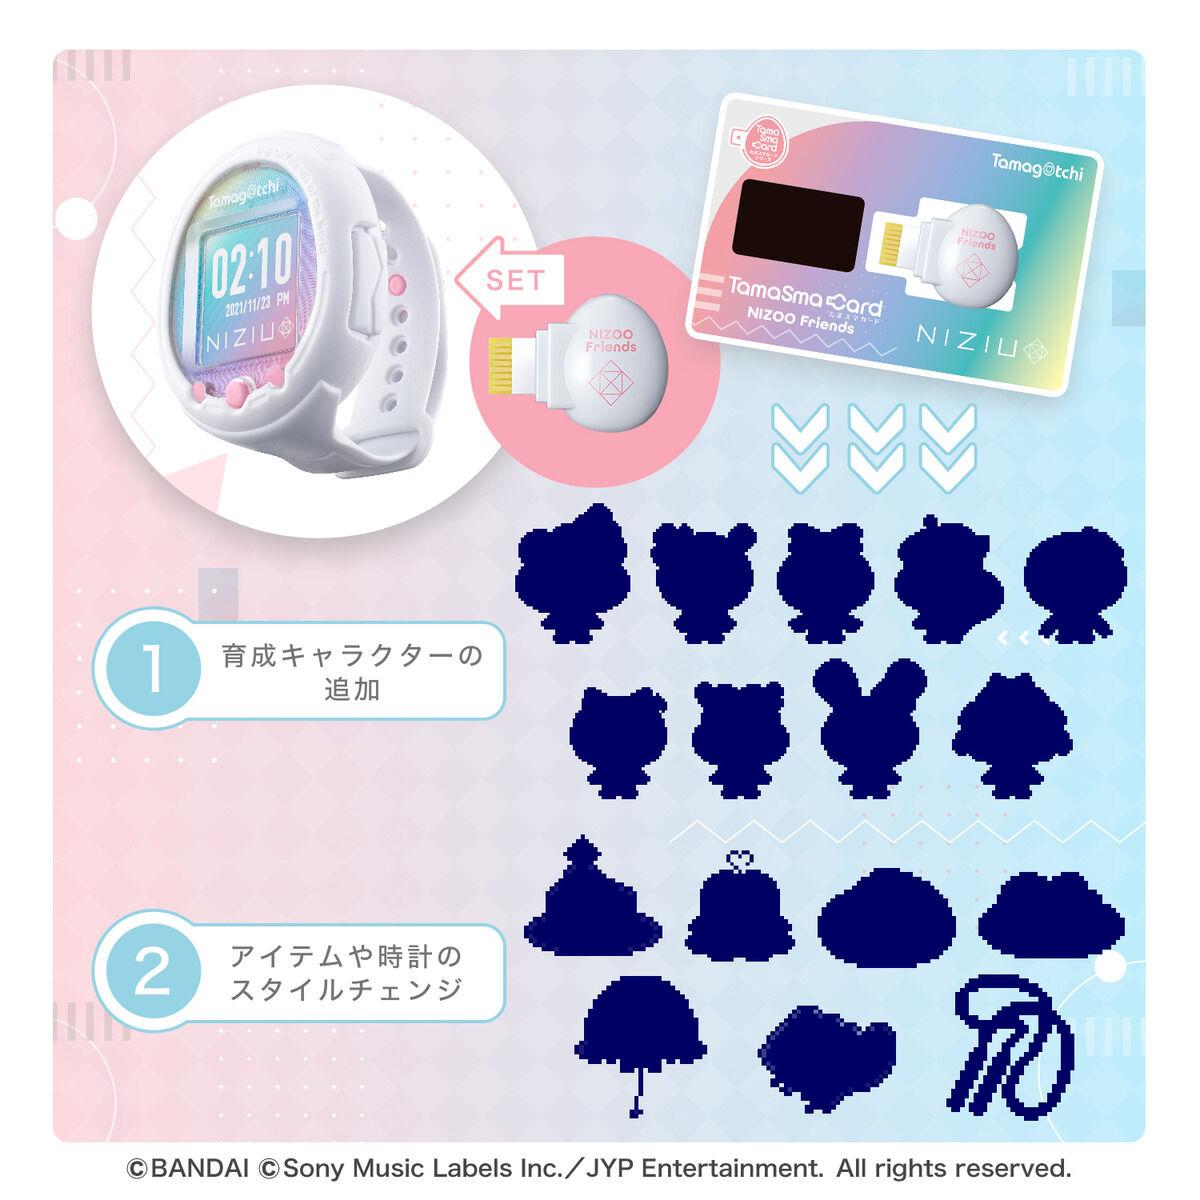 たまごっちスマート『Tamagotchi Smart NiziUスペシャルセット』たまごっち-009